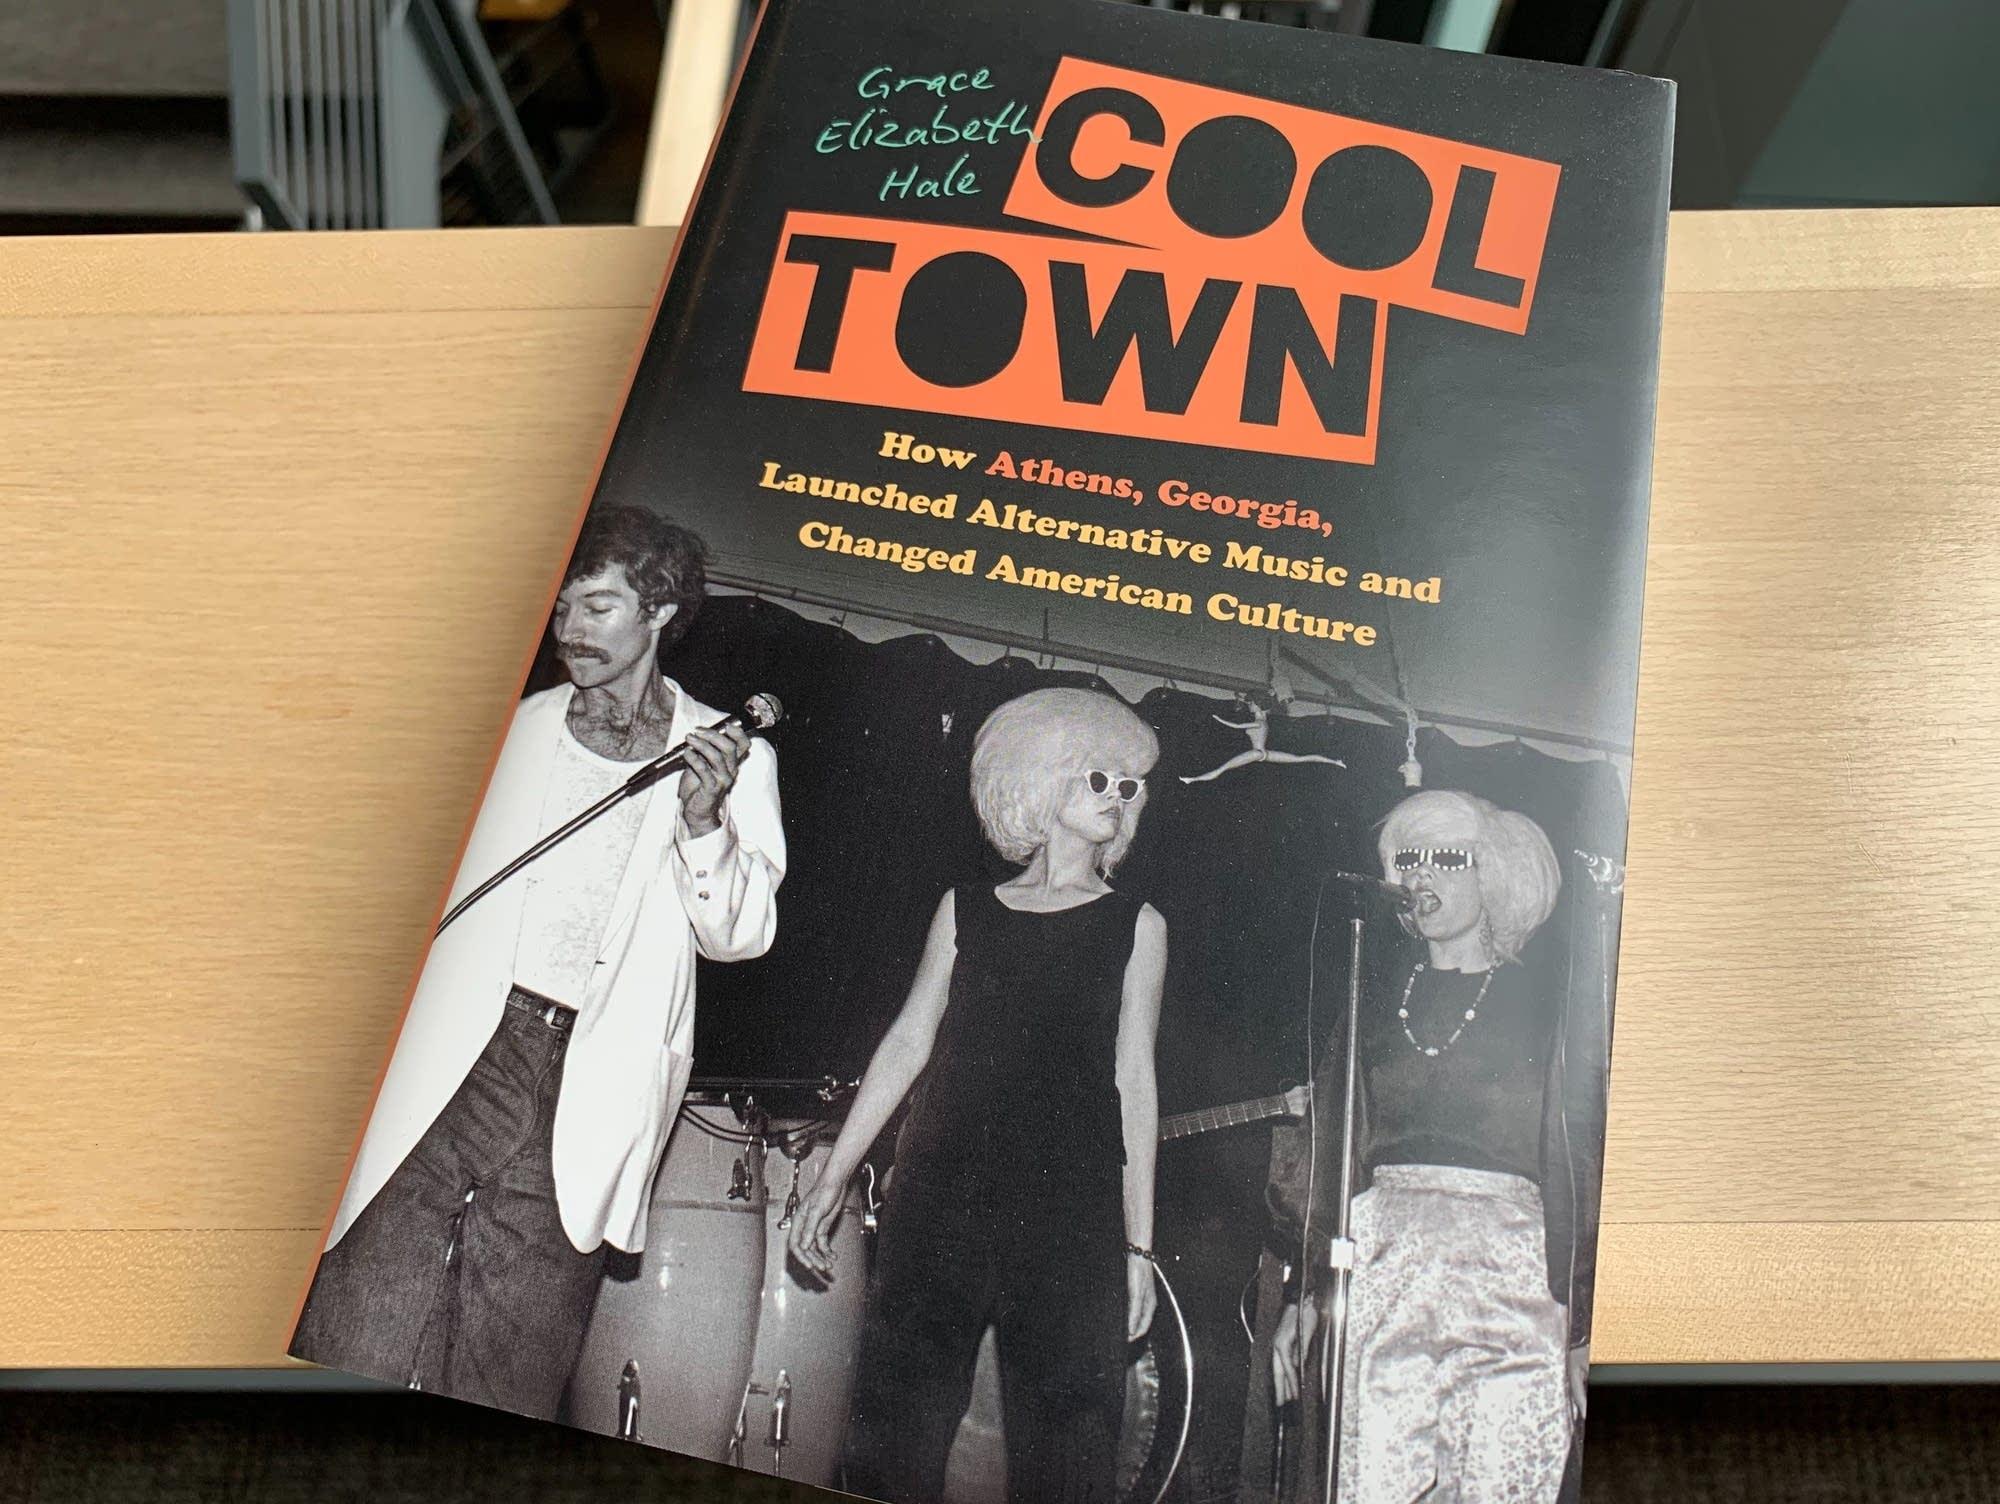 Grace Elizabeth Hale's 'Cool Town.'